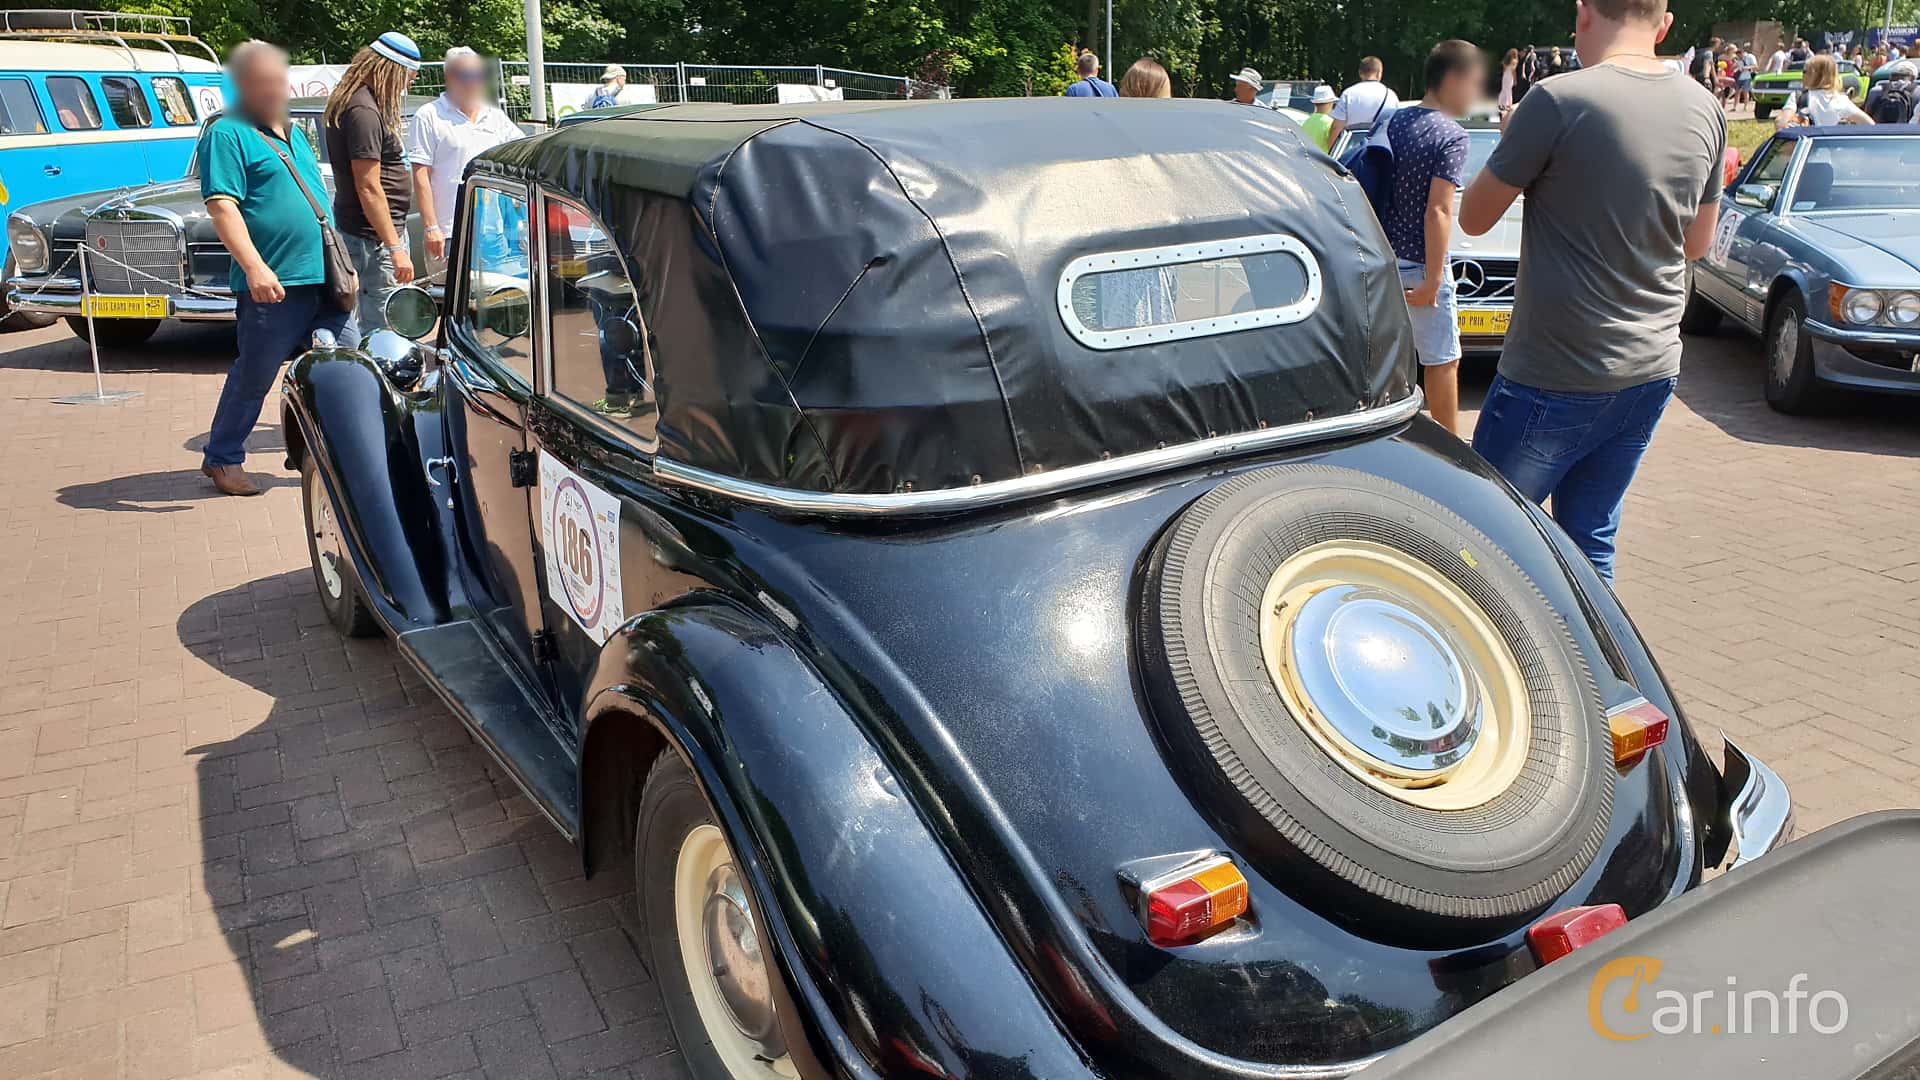 BMW 321 Cabriolet 2.0 Manual, 45hp, 1939 at Leopolis Grand Prix 2018